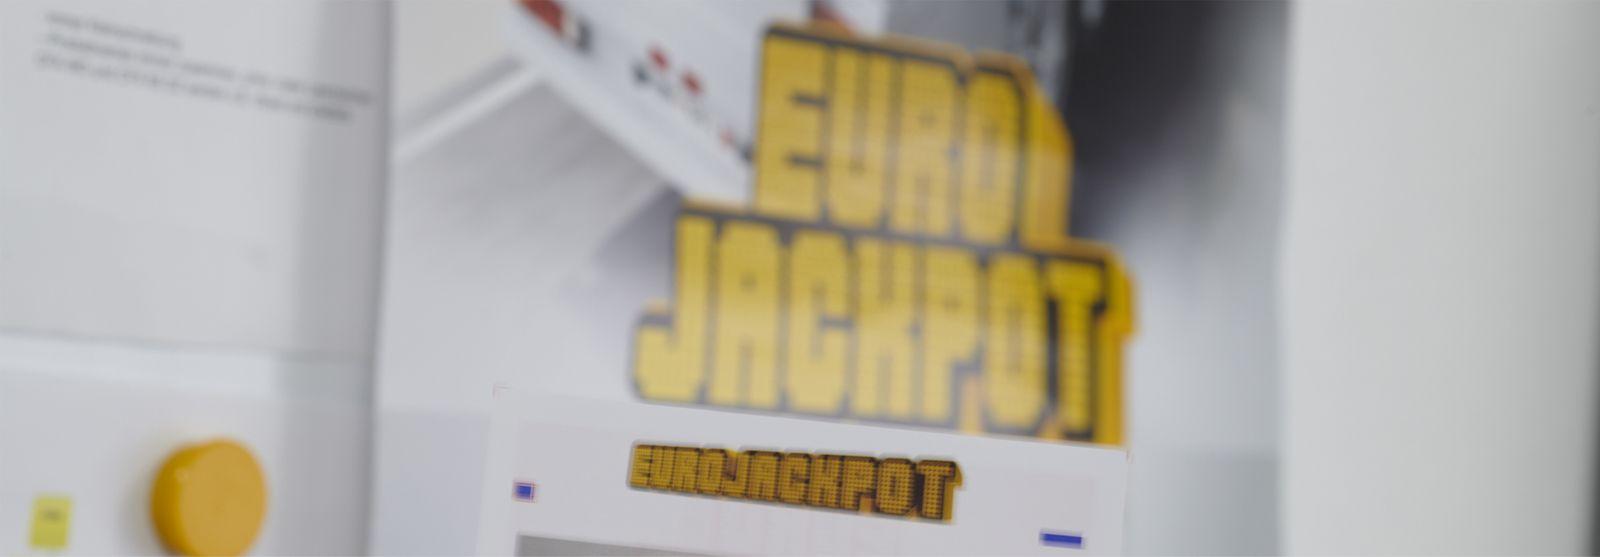 01-Banner-Eurojackpot_01-1896-660